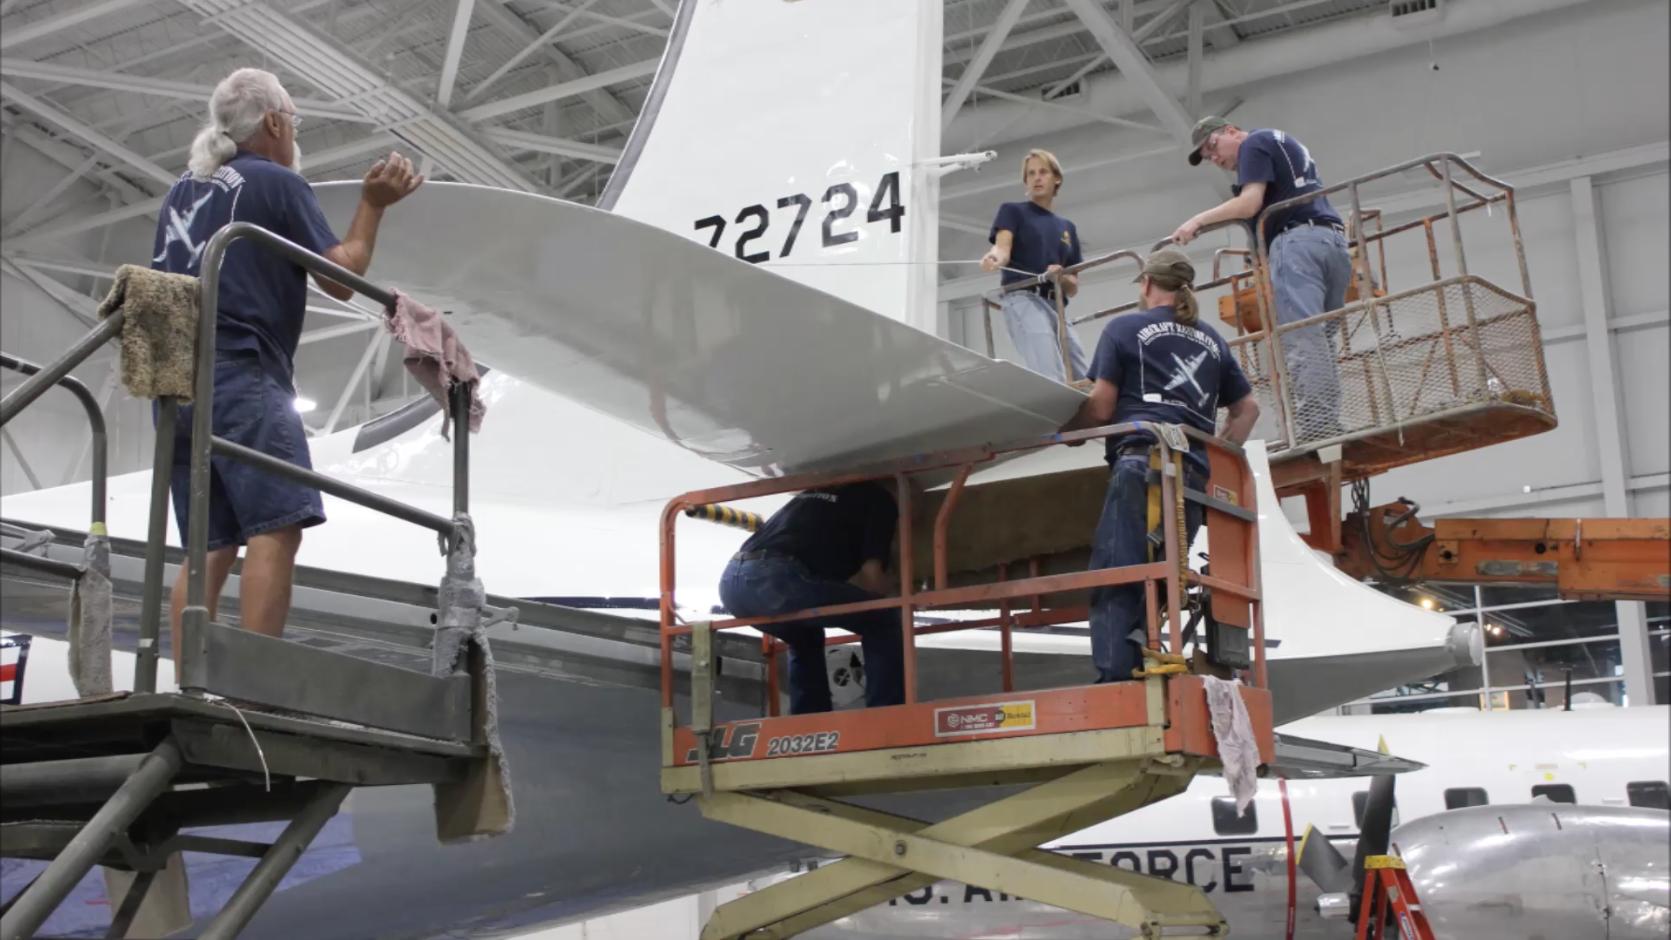 Restoration – Strategic Air Command & Aerospace Museum